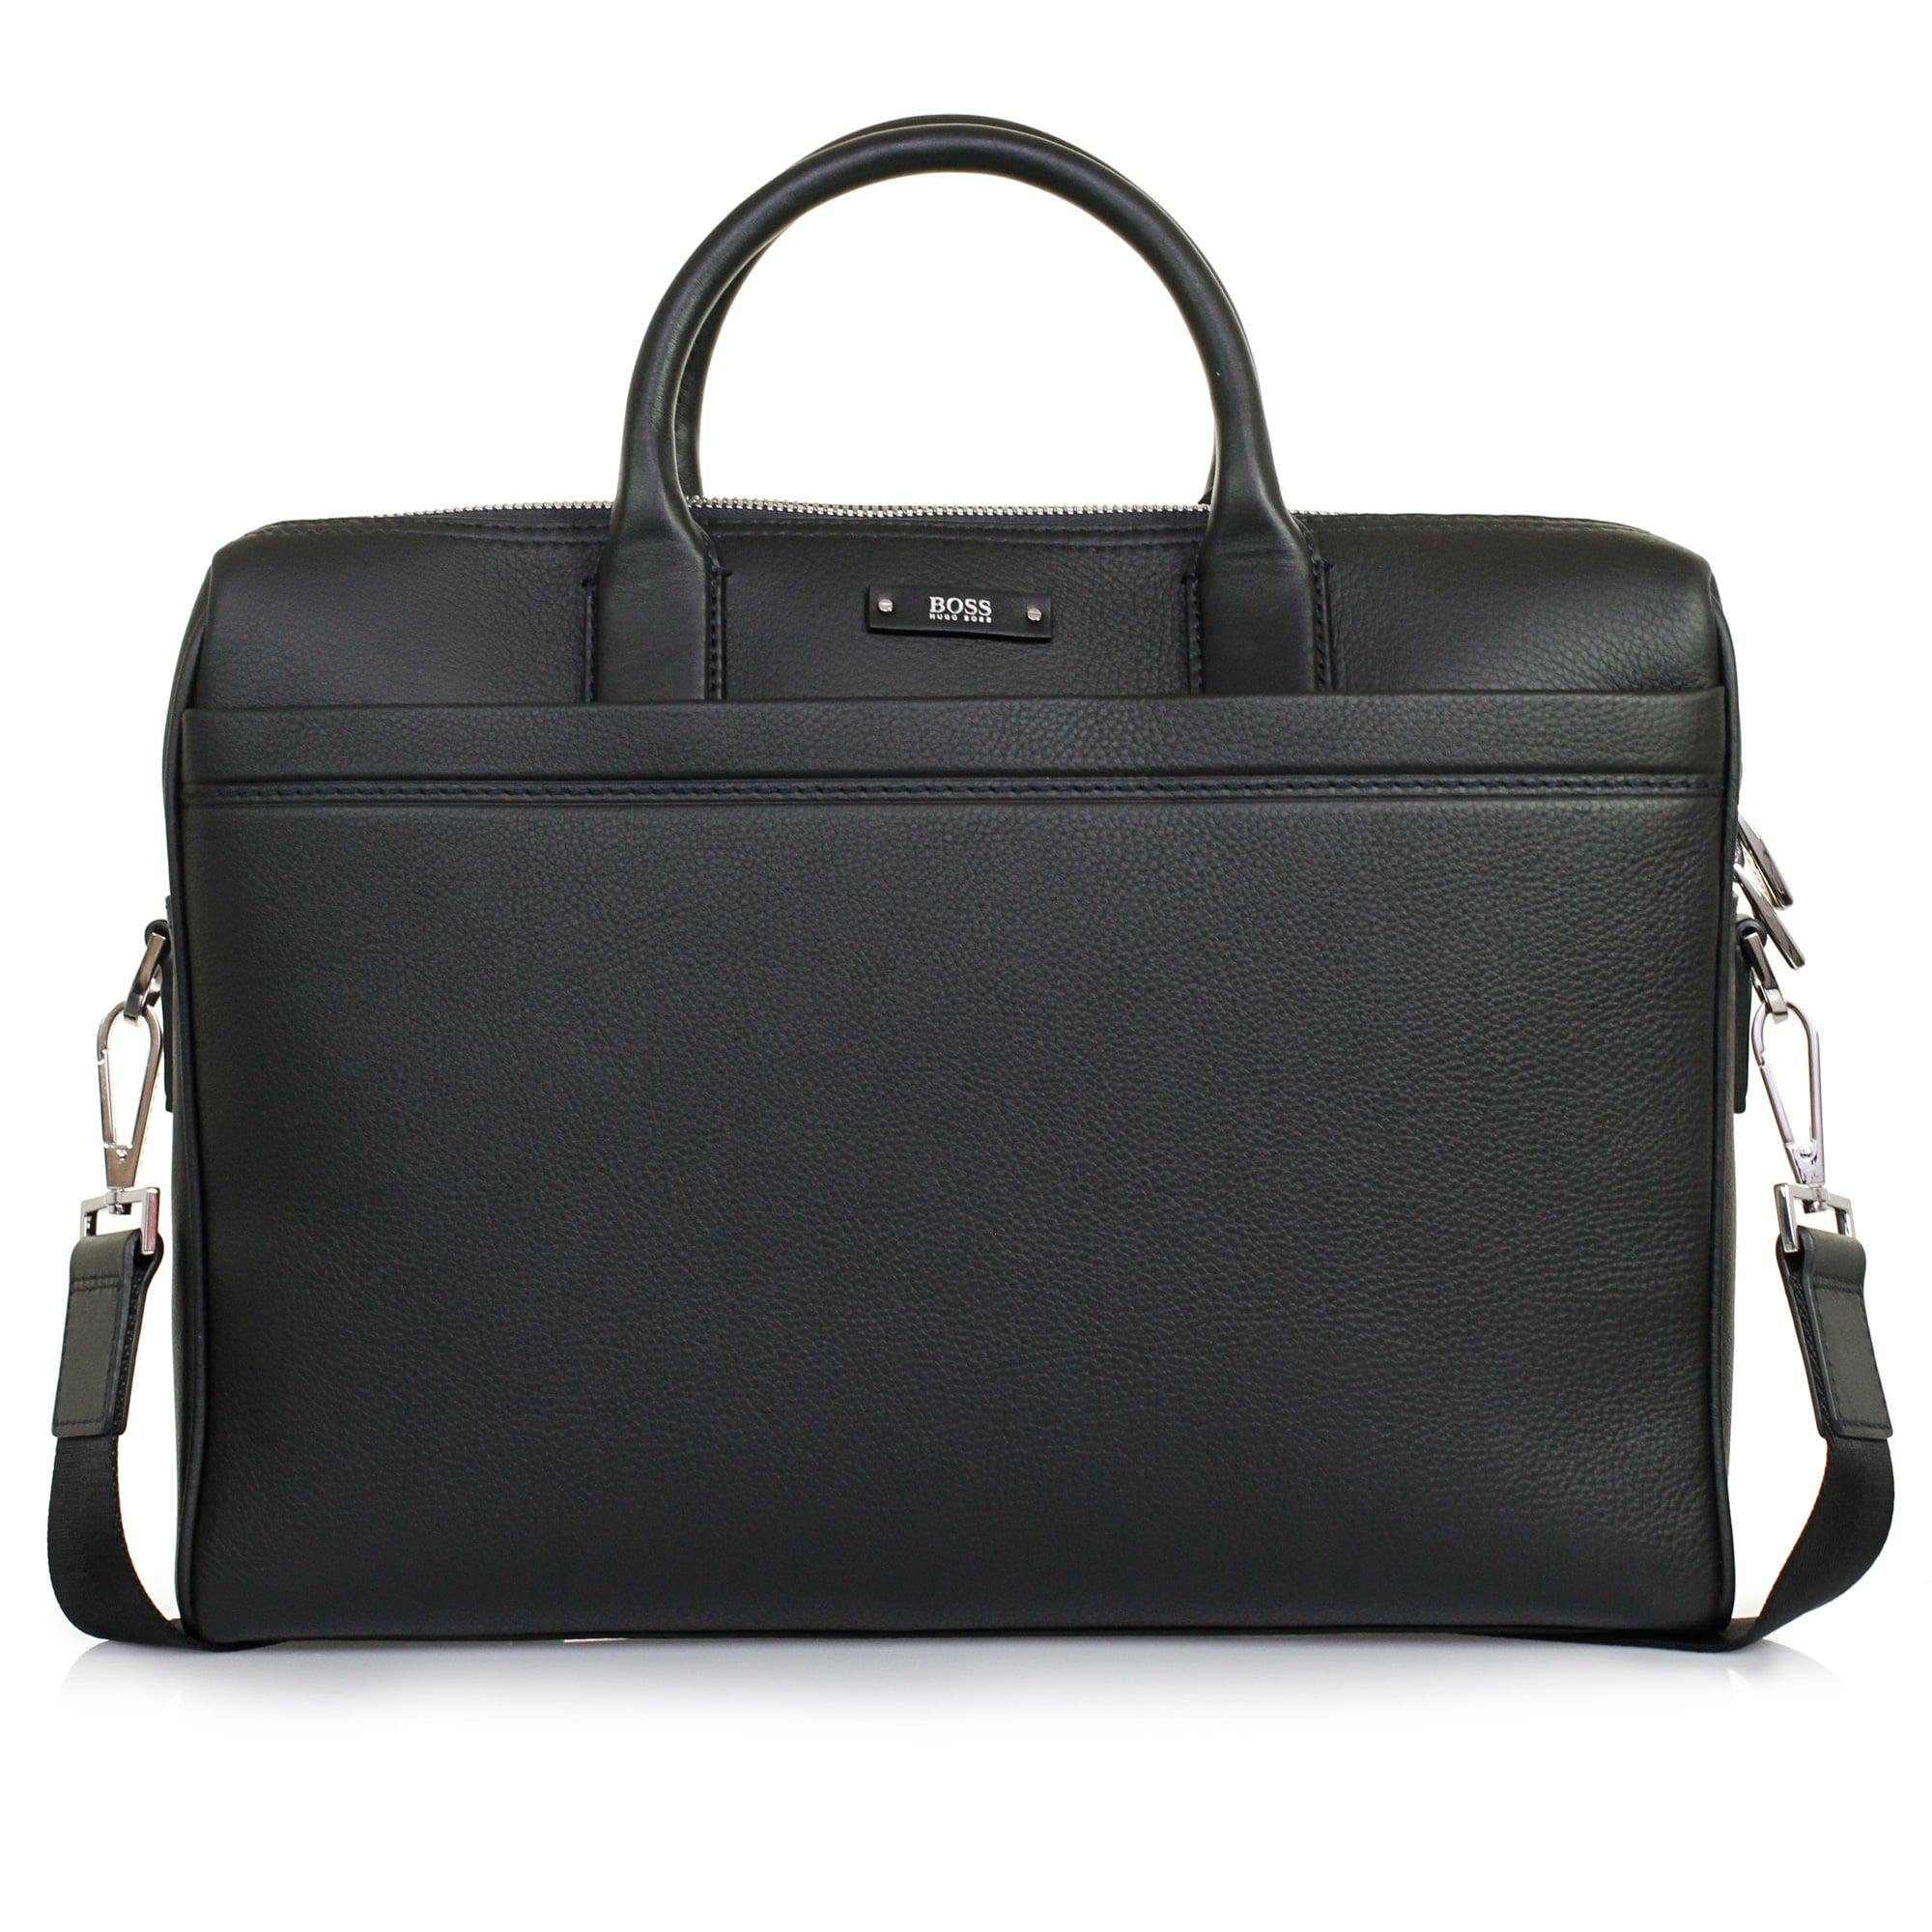 8dbb95dbe4 Hugo Boss Traveller_S Doc Black Leather Laptop Bag 50311773